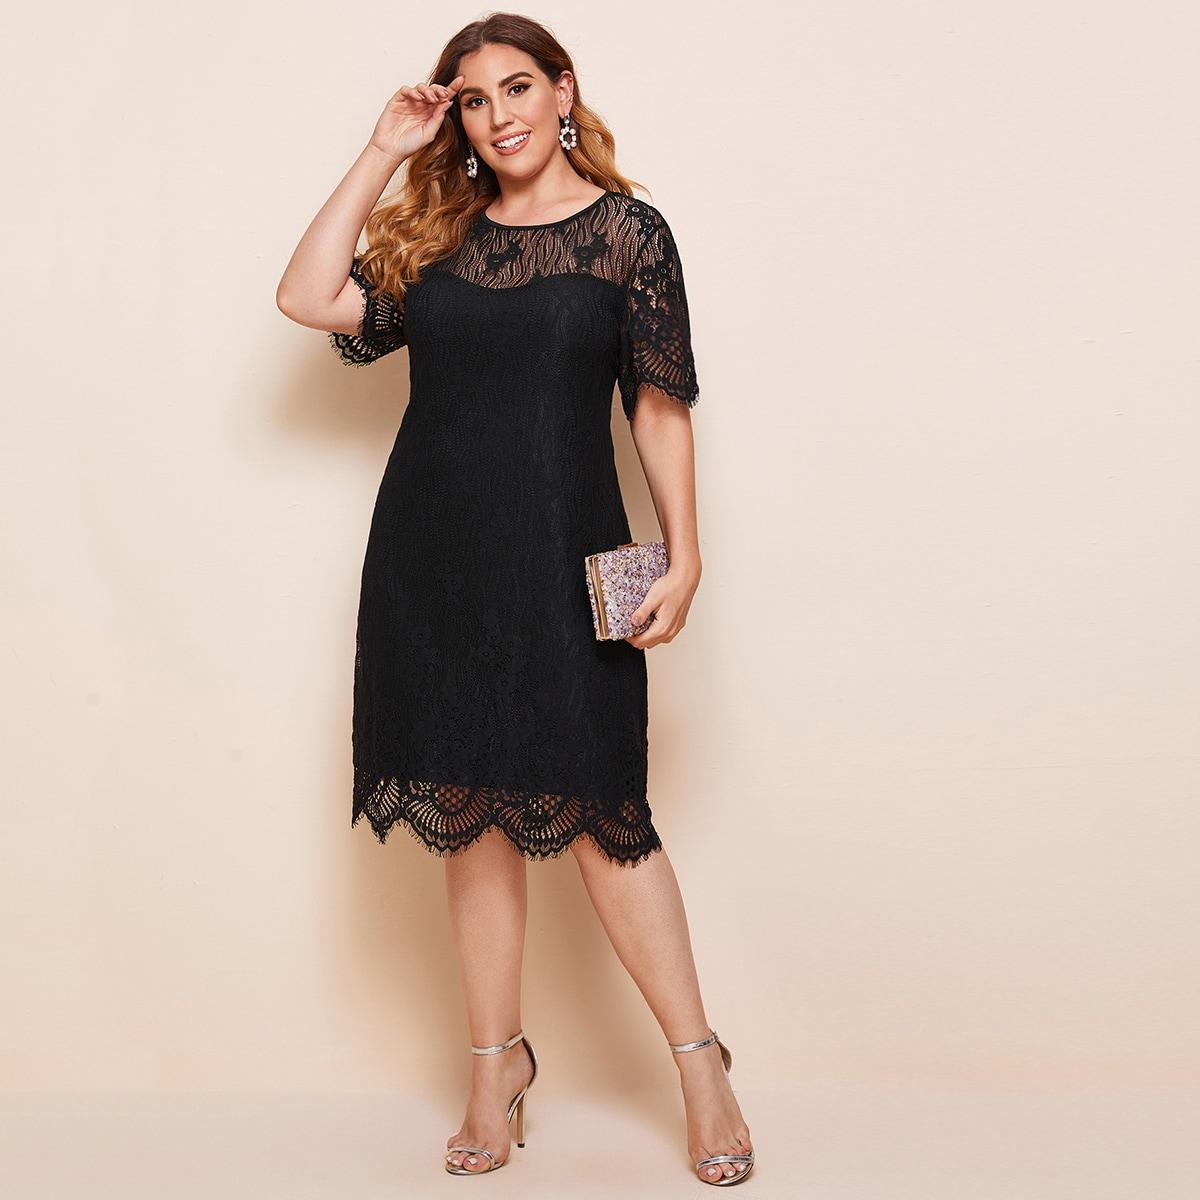 Кружевное платье размера плюс с фестончатой отделкой